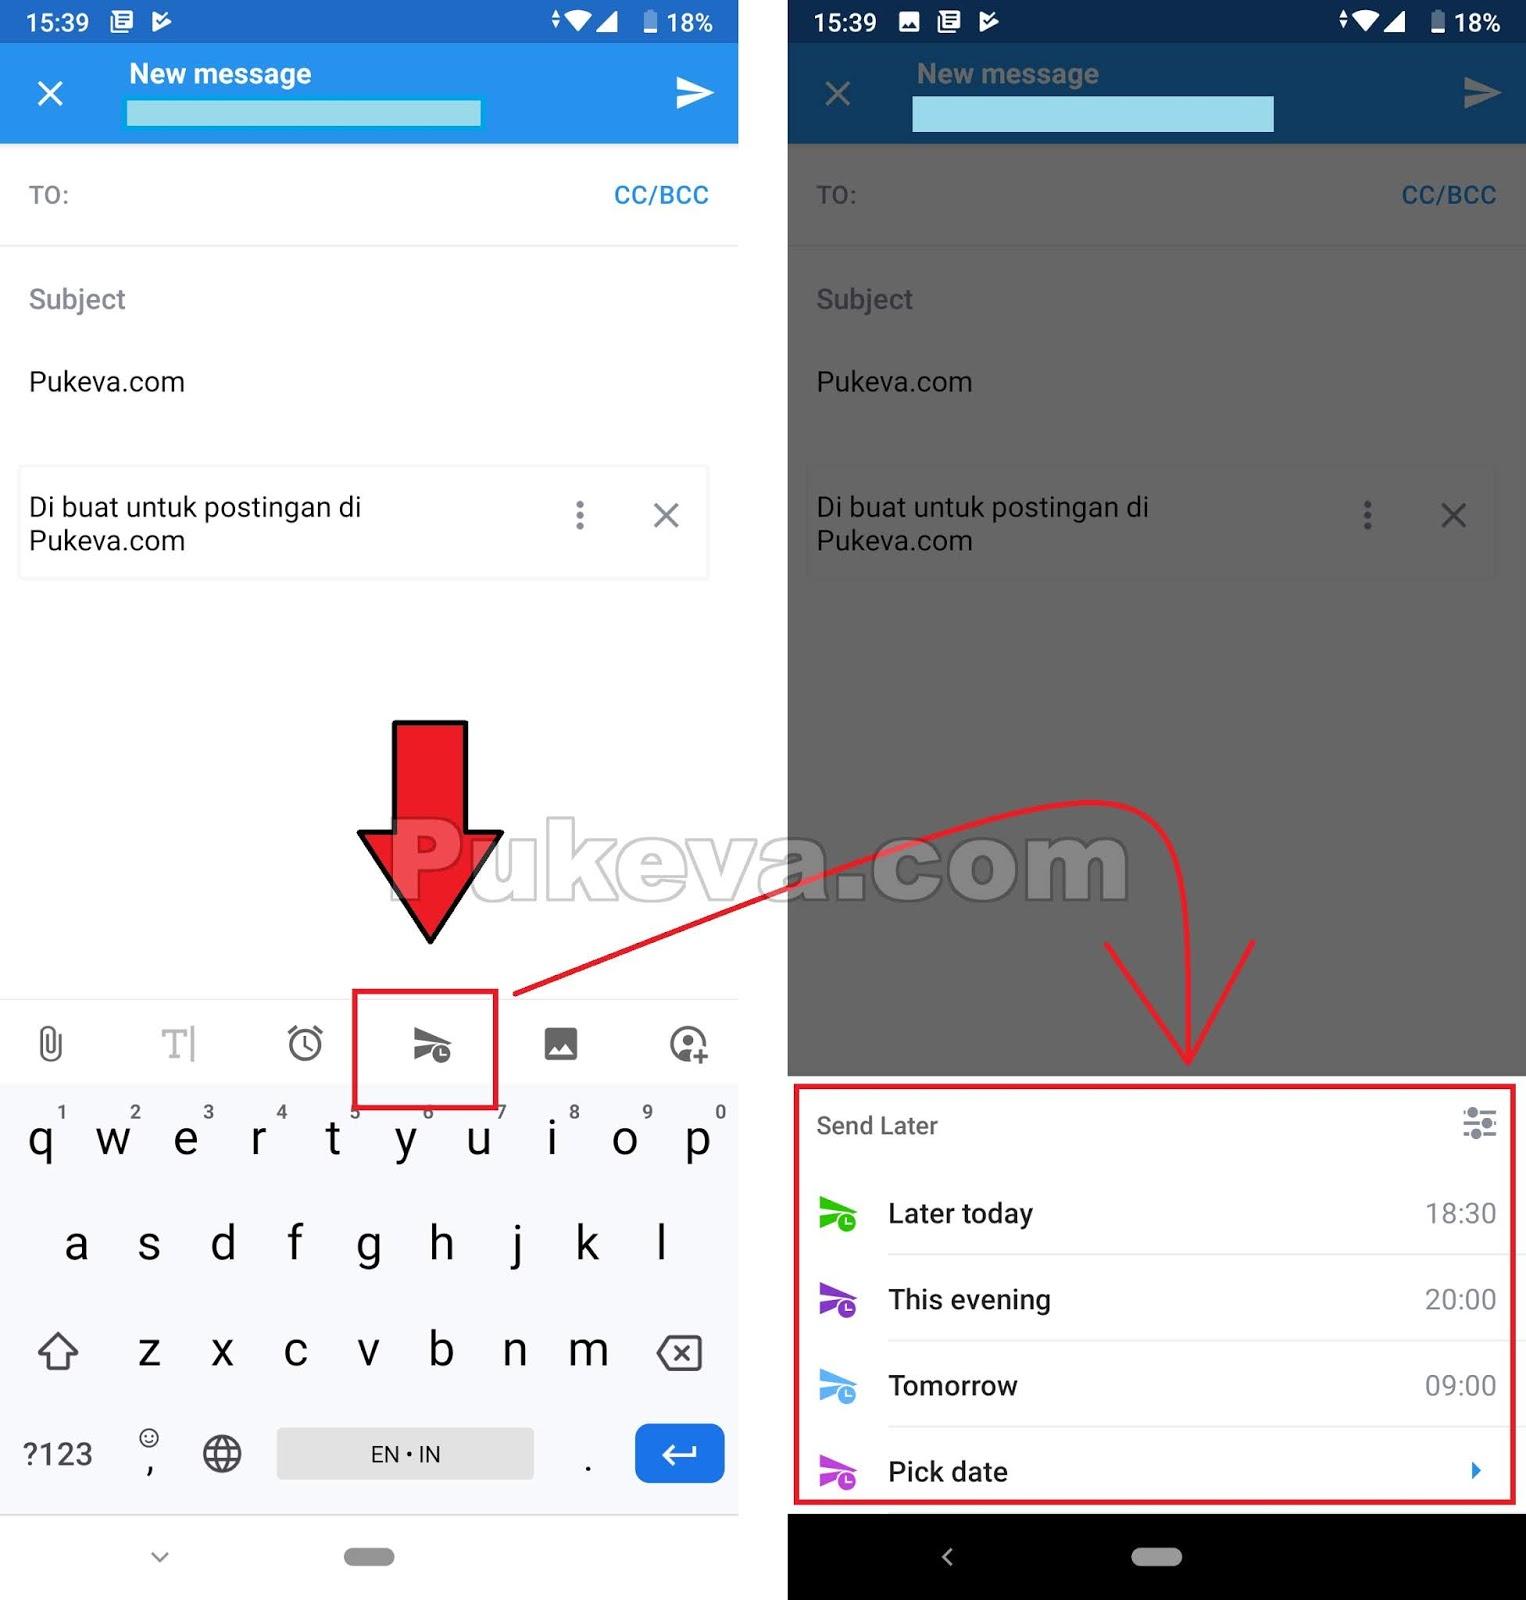 Cara Menjadwalkan Pengiriman Email Otomatis Di Iphone Dan Android Pukeva